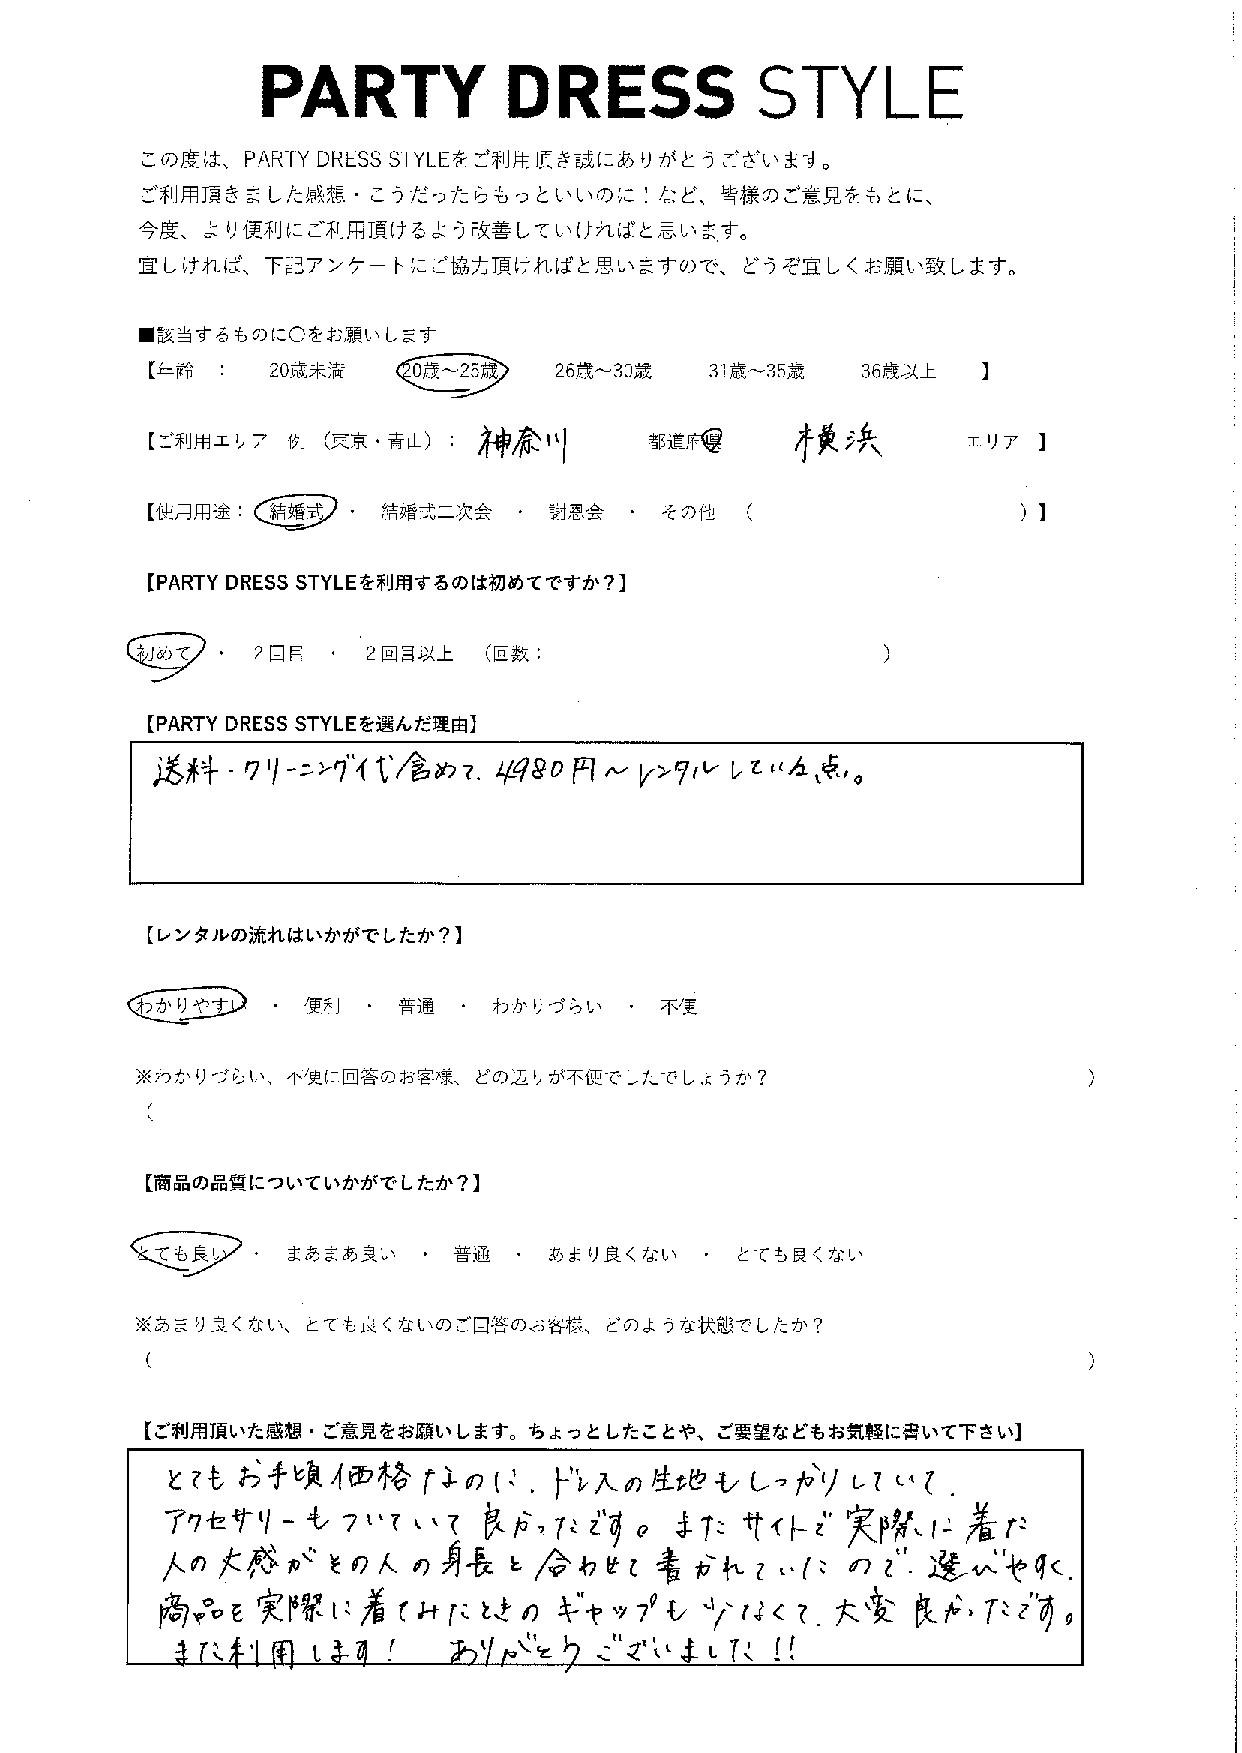 送料・クリーニング代含めて、4980円〜レンタルしている点。